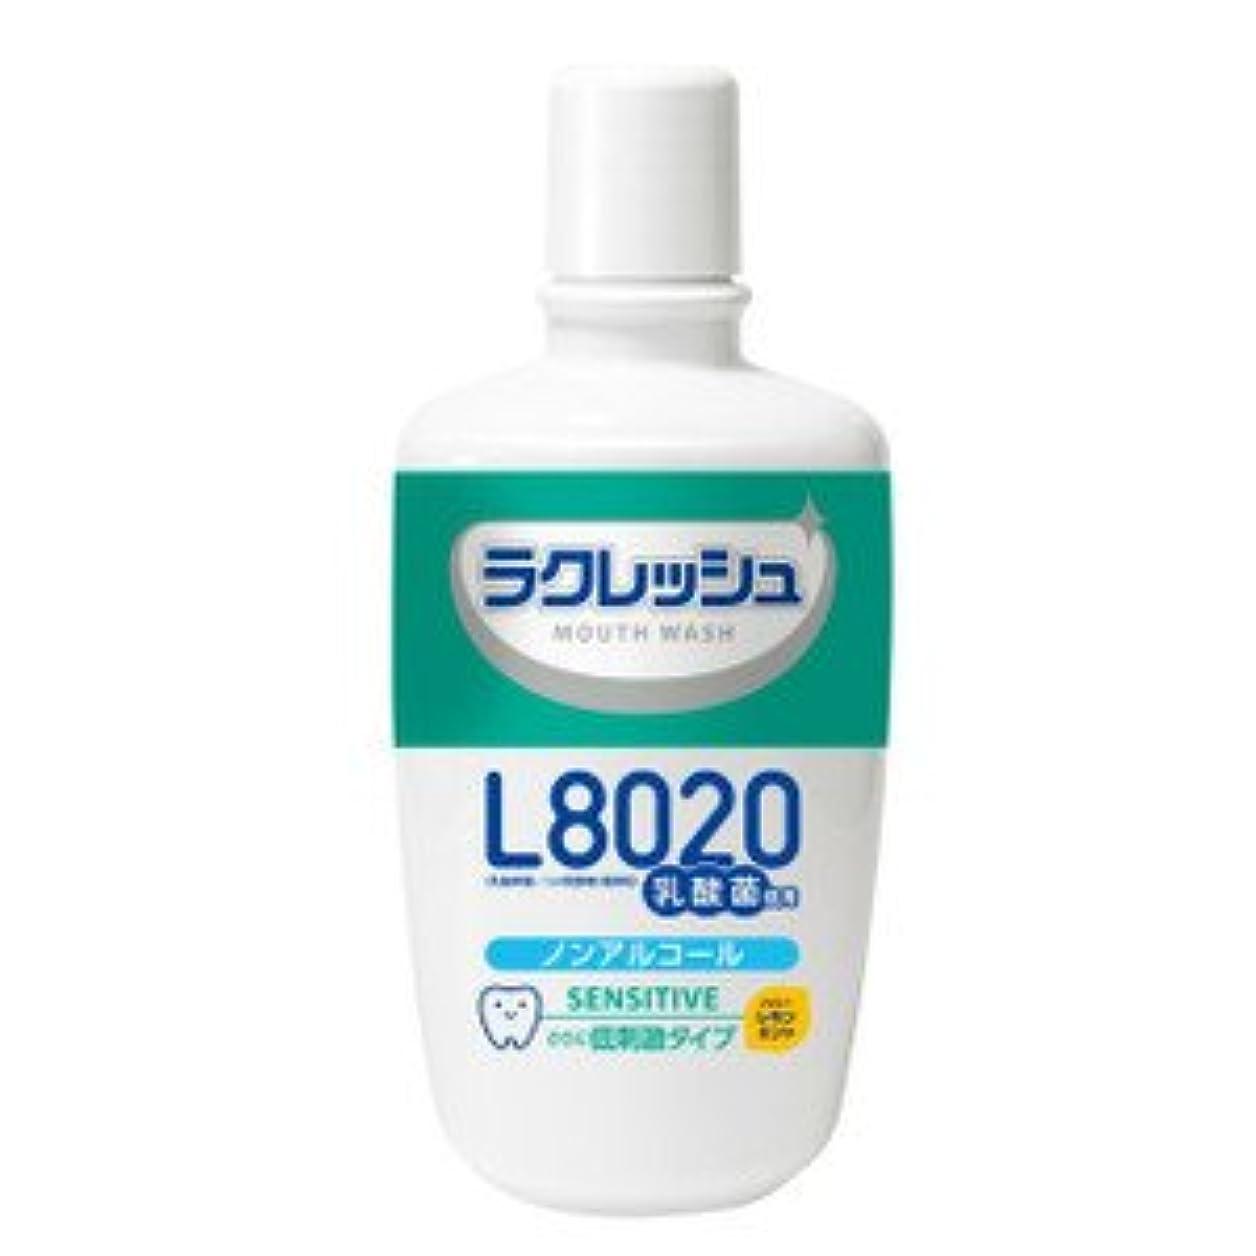 種類苦しめる効果ジェクス ラクレッシュ L8020乳酸菌 マウスウォッシュ 洗口液センシティブタイプ 300ml×10個セット